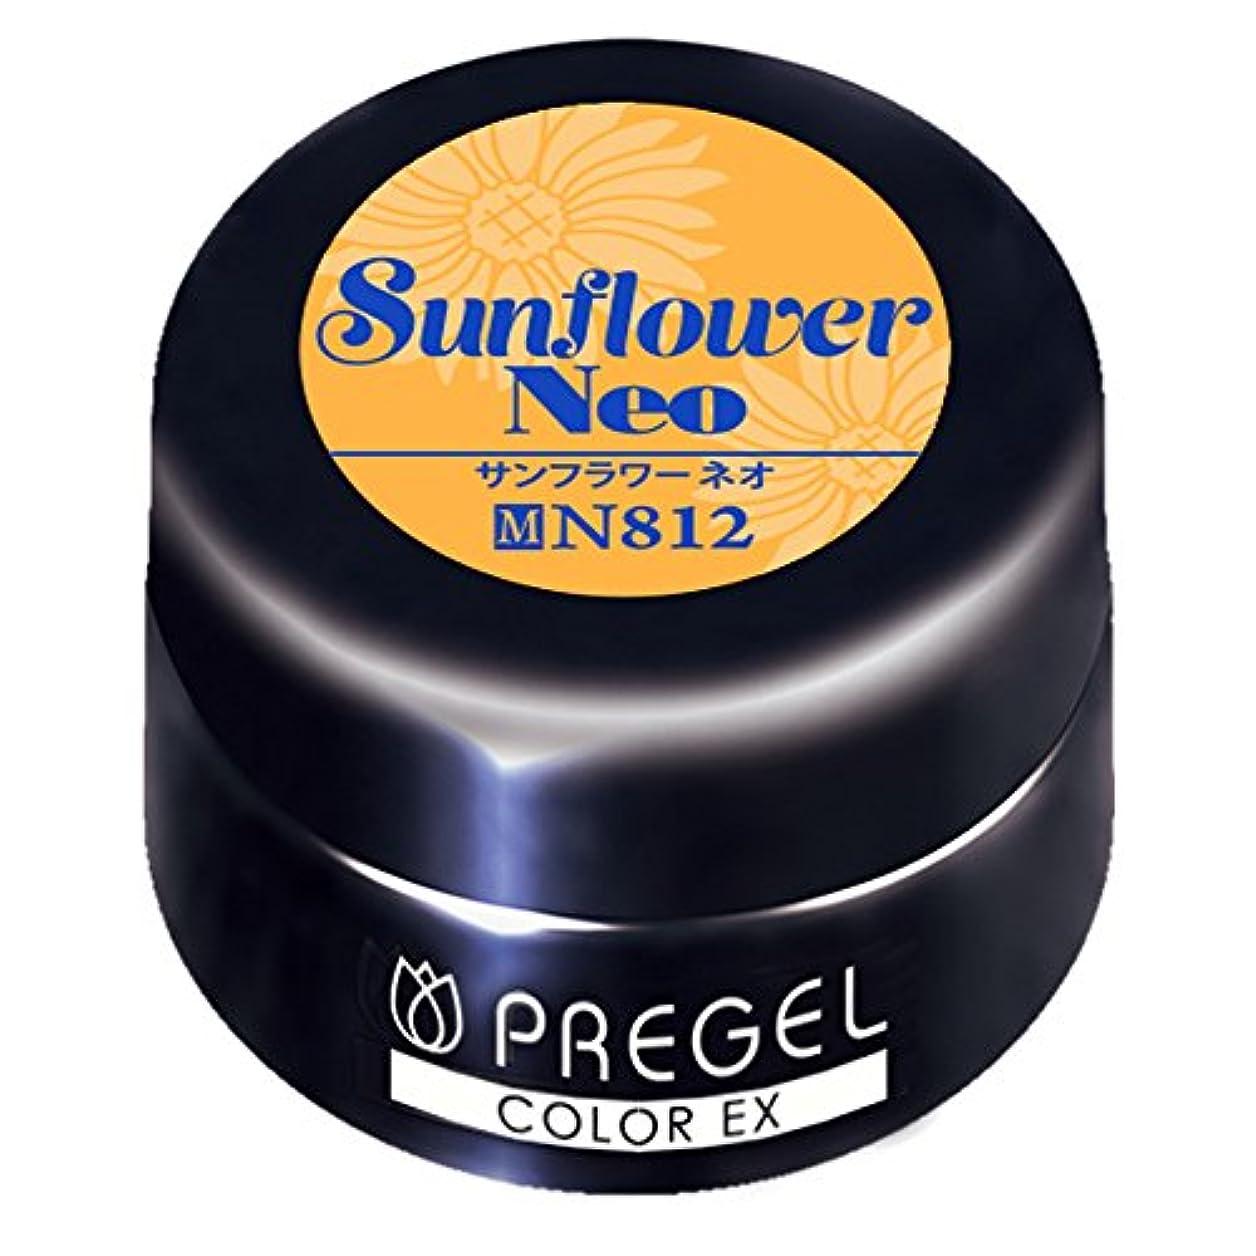 訪問みなさん愛人PRE GEL カラーEX サンフラワーneo812 3g UV/LED対応